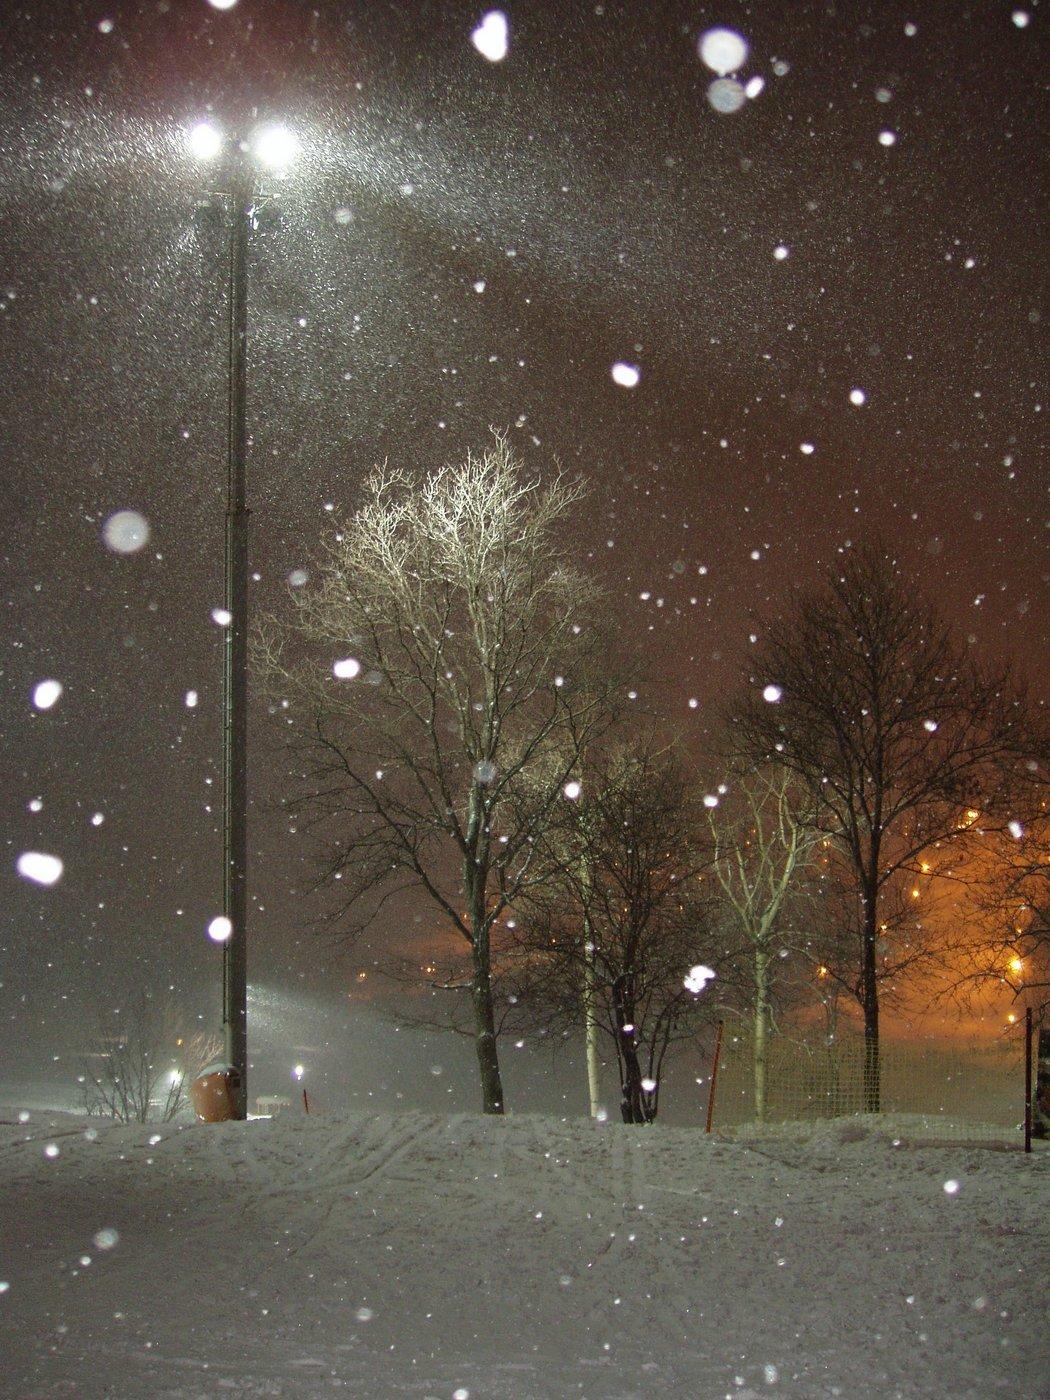 такой проект как сделать фото с падающим снегом одна частая